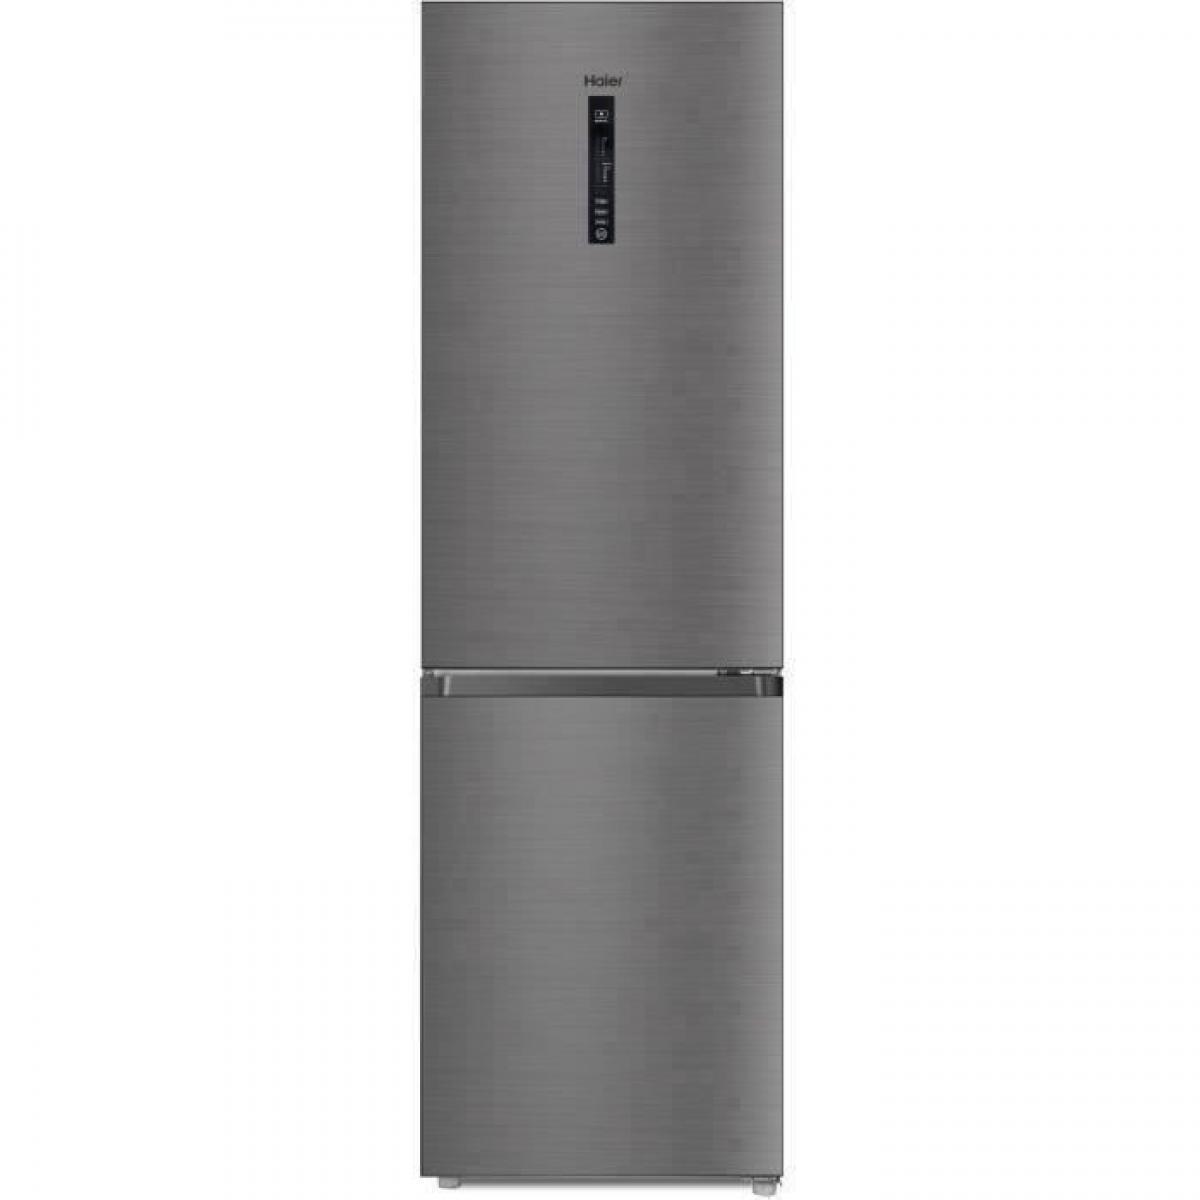 Haier HAIER R2DF512DHJ - Réfrigérateur combiné - No Frost - 341L (233+ 108) - Froid ventilé - A+ - L59.5 x H190 cm - Silver